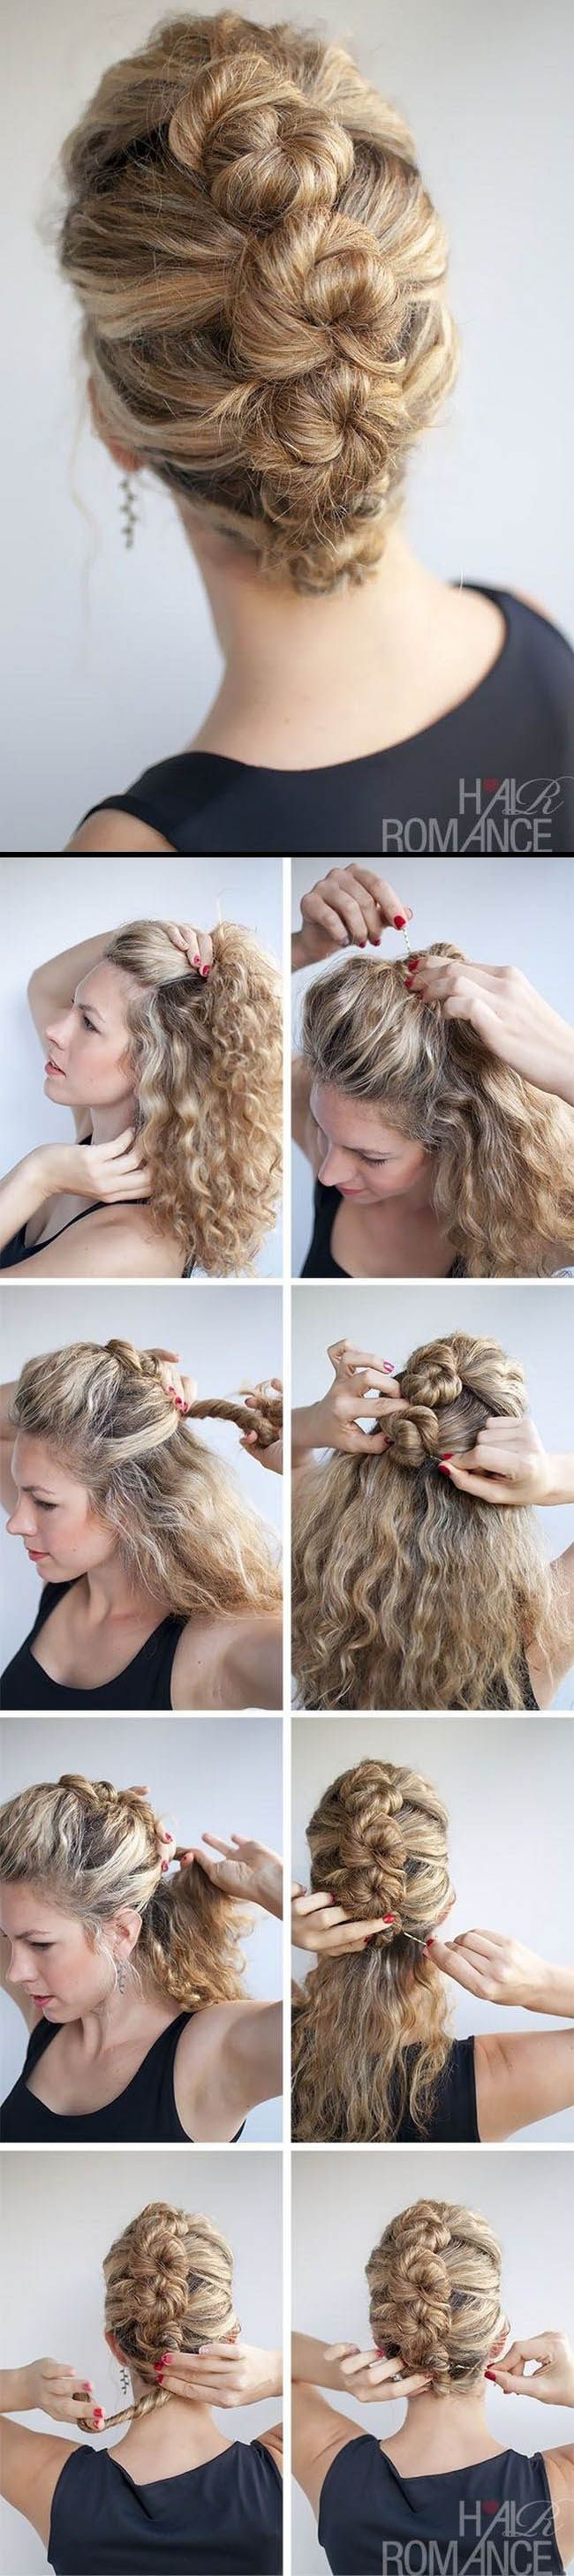 penteados-simples-133